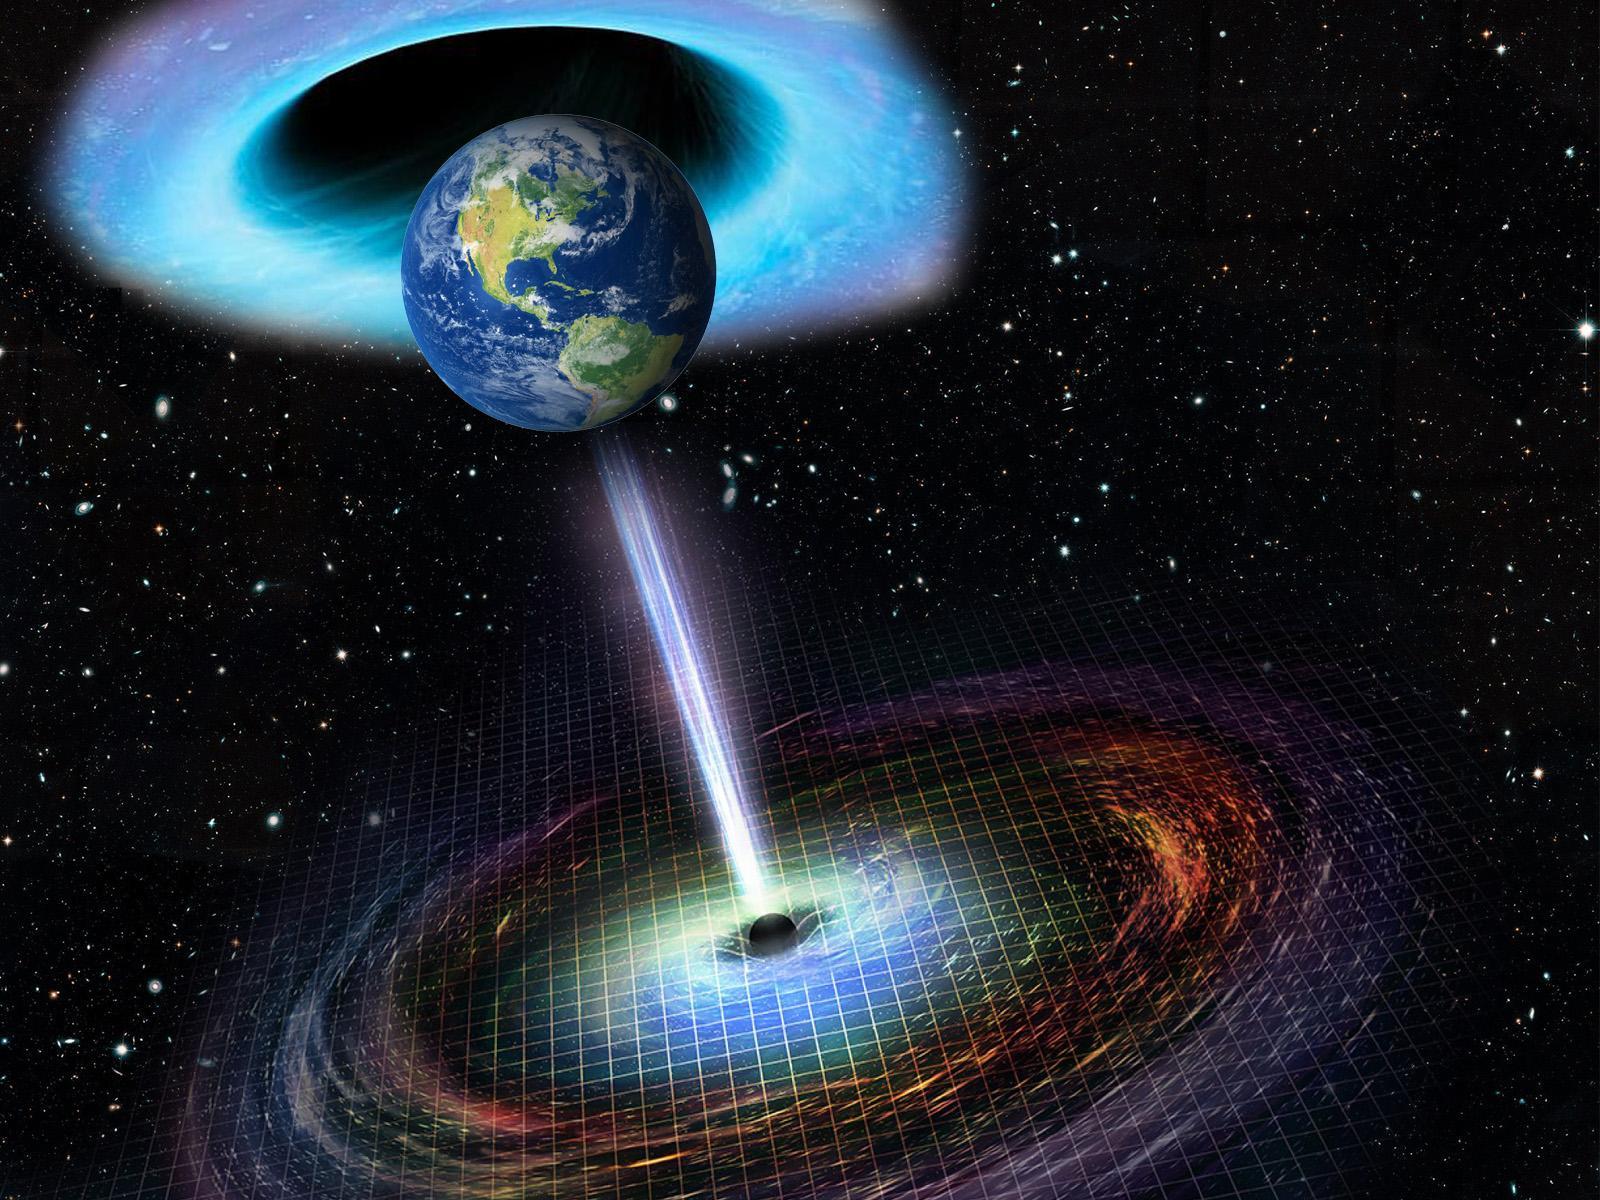 Що буде, якщо Земля зіткнеться з чорною дірою: тепер кожен може дізнатися відповідь - космос - 07 chornaya dyra2